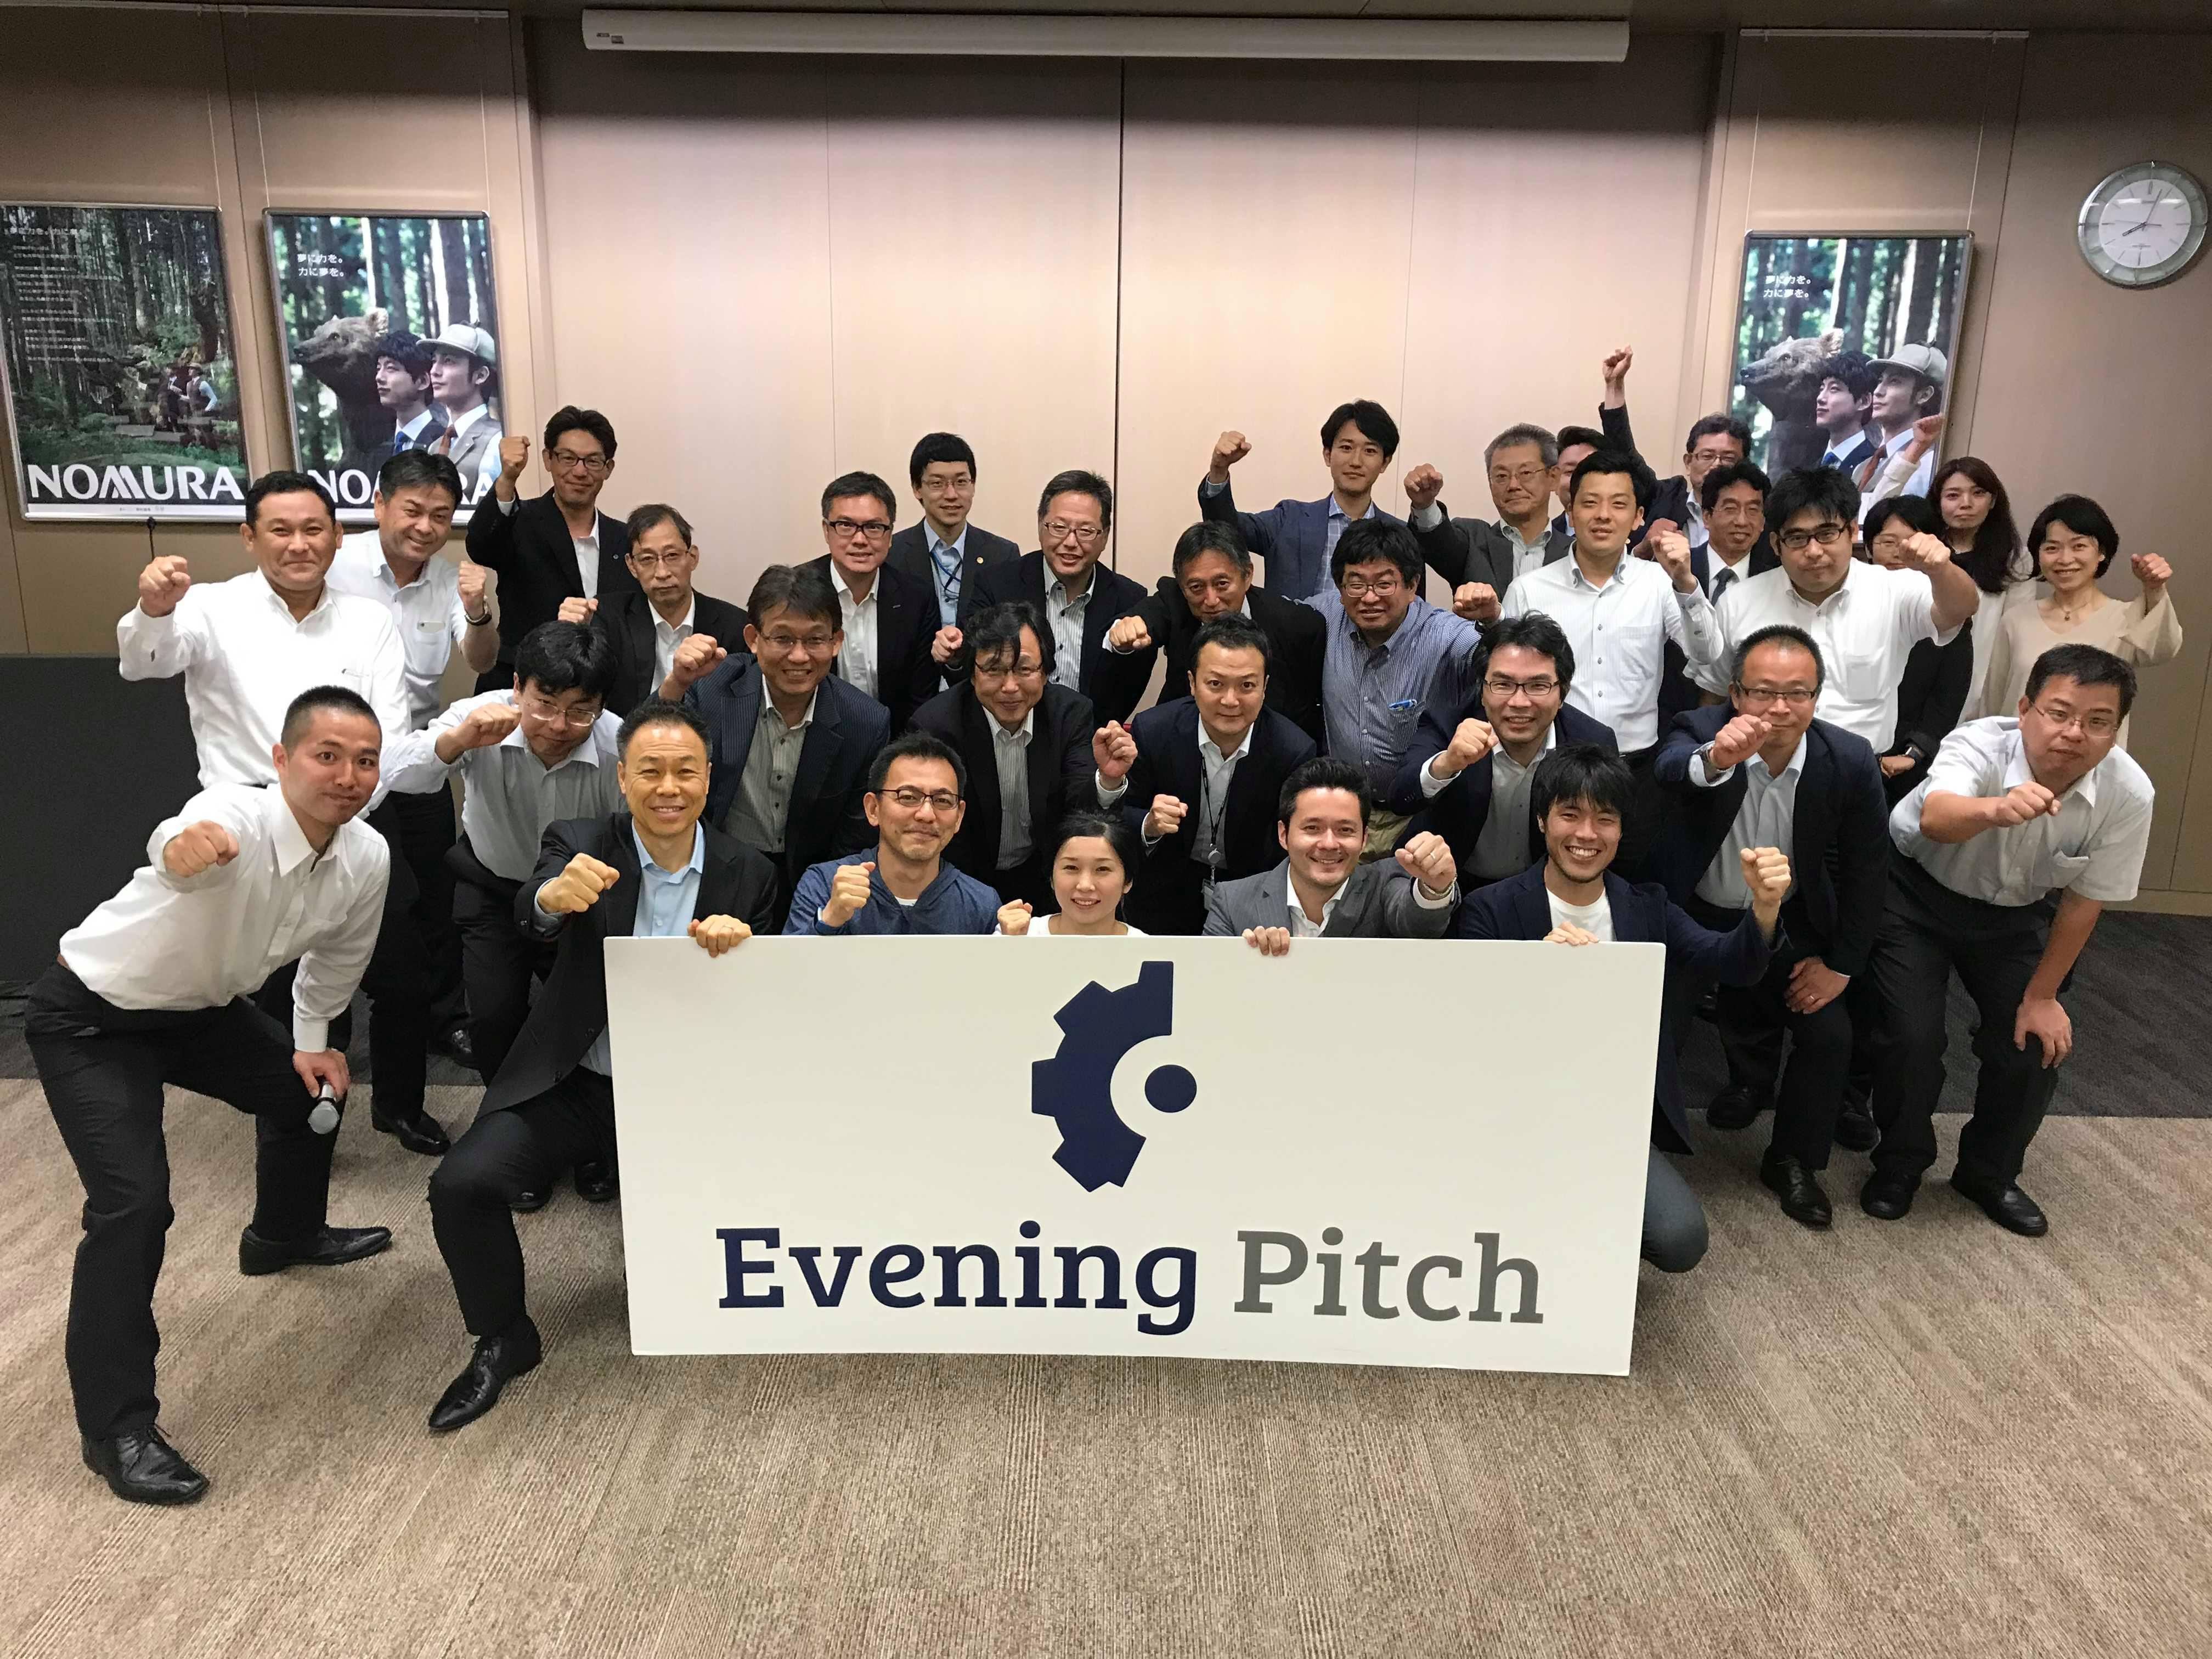 弊社代表がKyoto Evening Pitchに登壇しました。